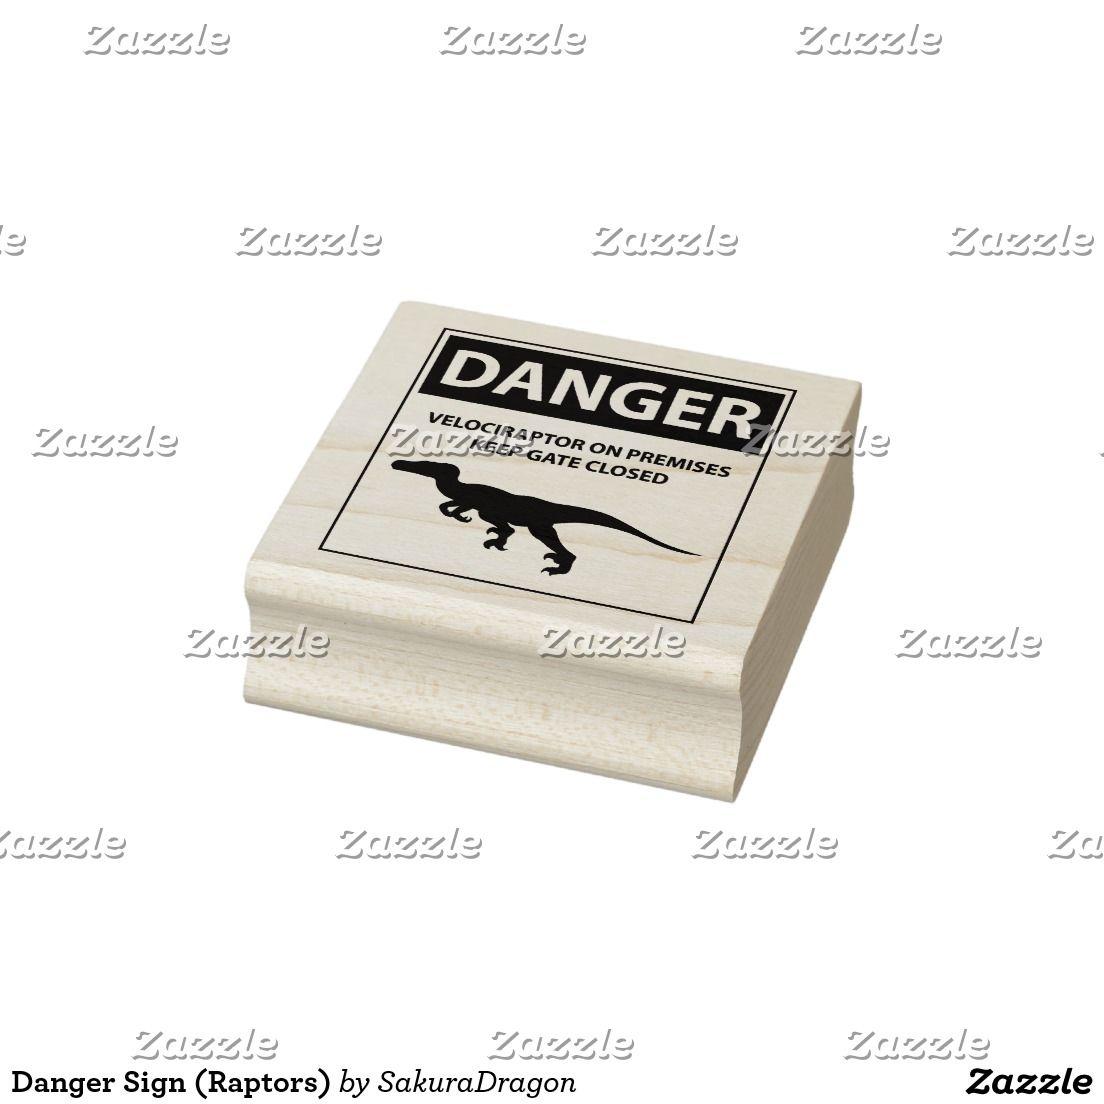 Danger Sign (Raptors) Rubber Stamp #dinosaurs #jurassic #velociraptor #raptors #sign